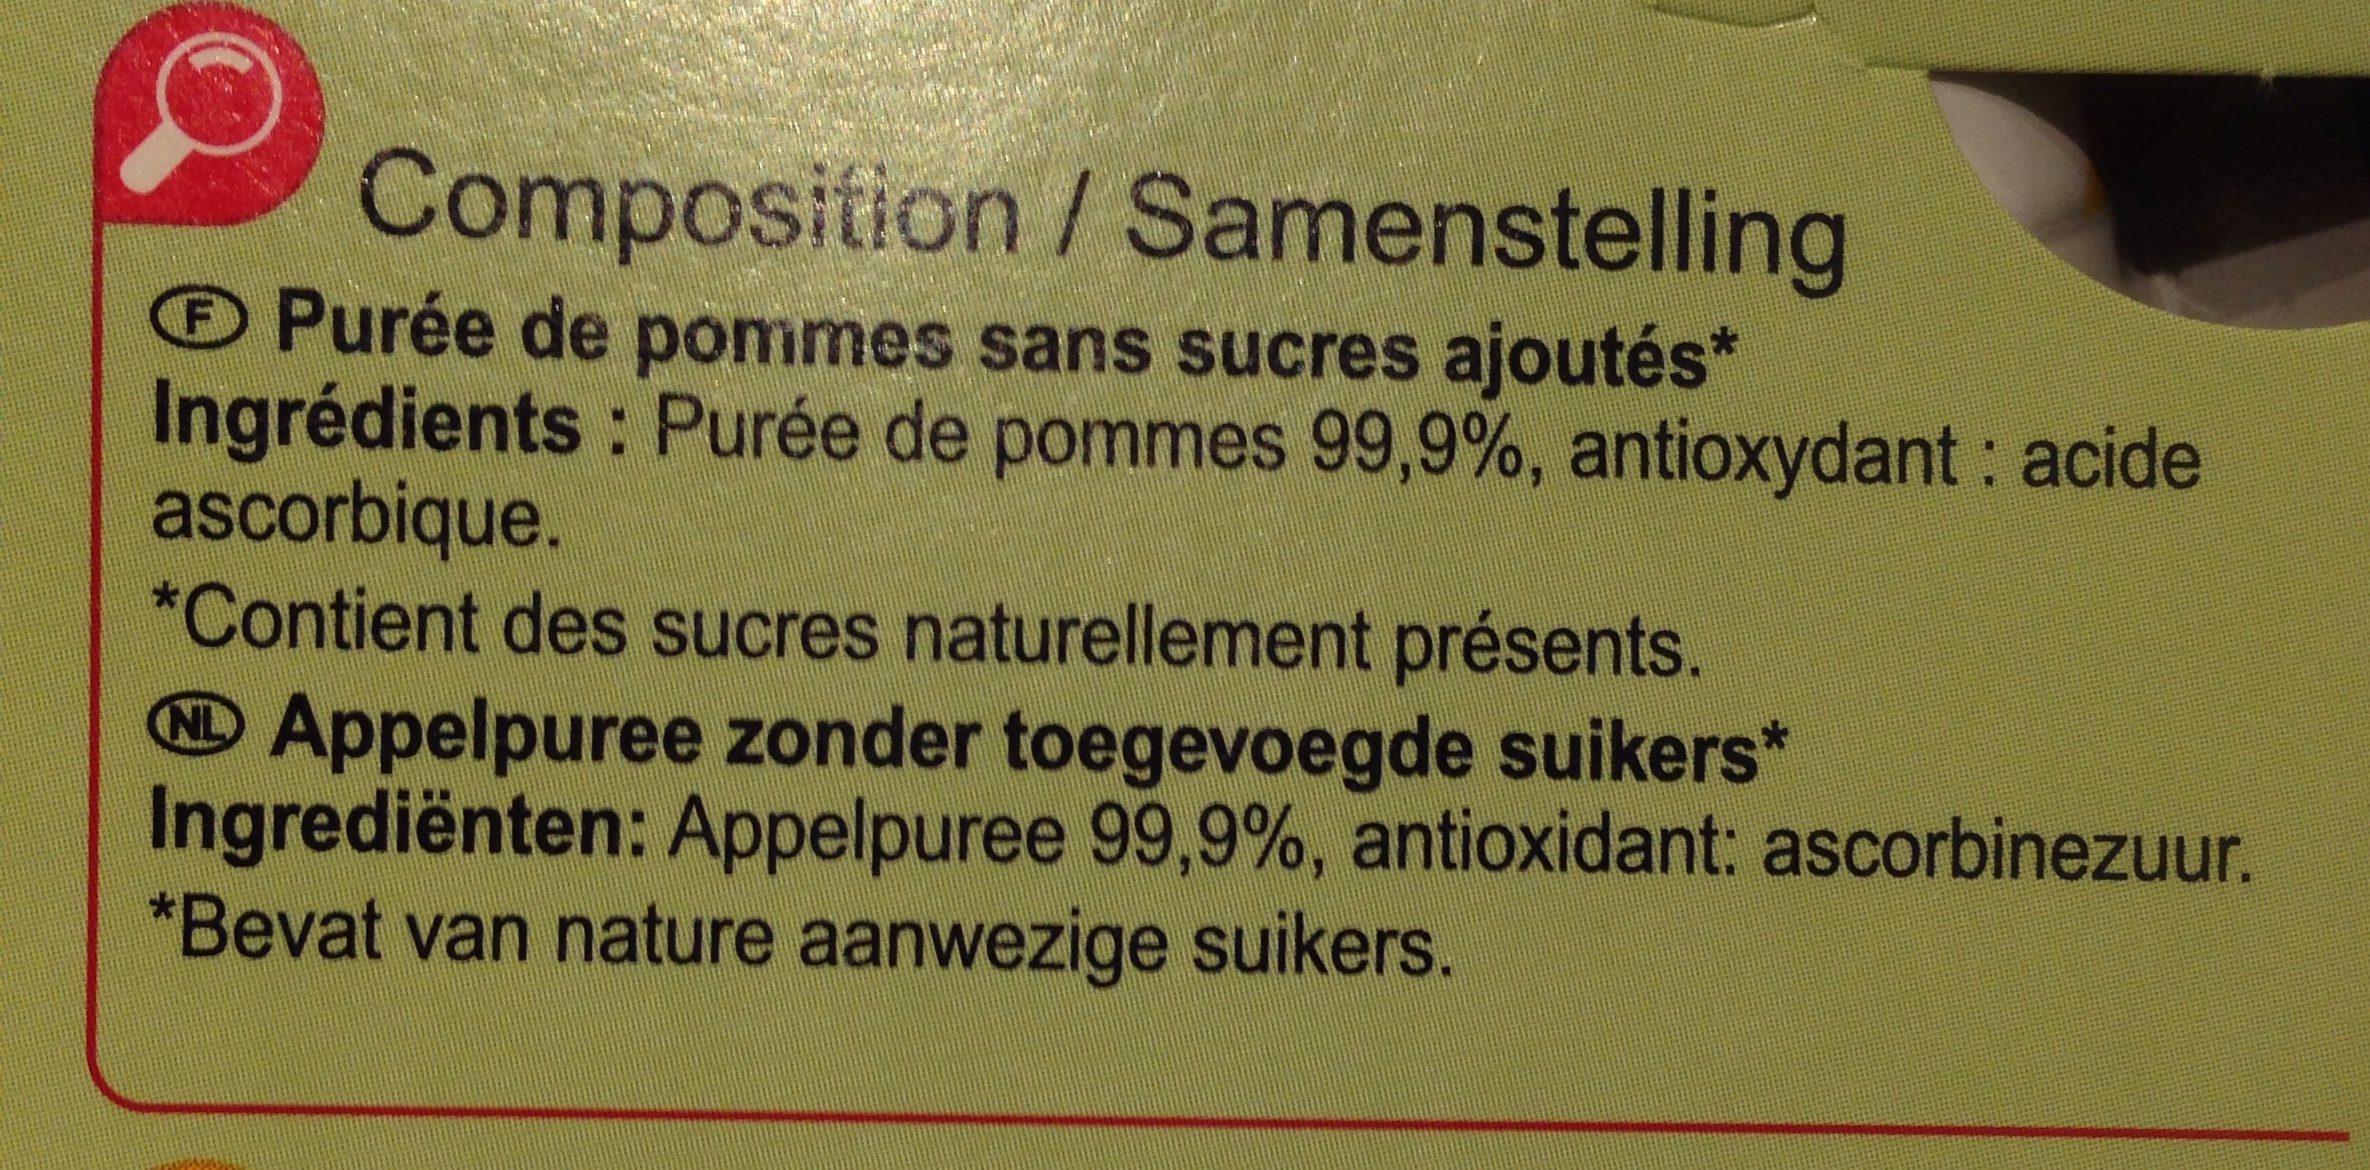 Sans sucres ajoutés* *Contient des sucres naturellement présents - Ingredients - fr